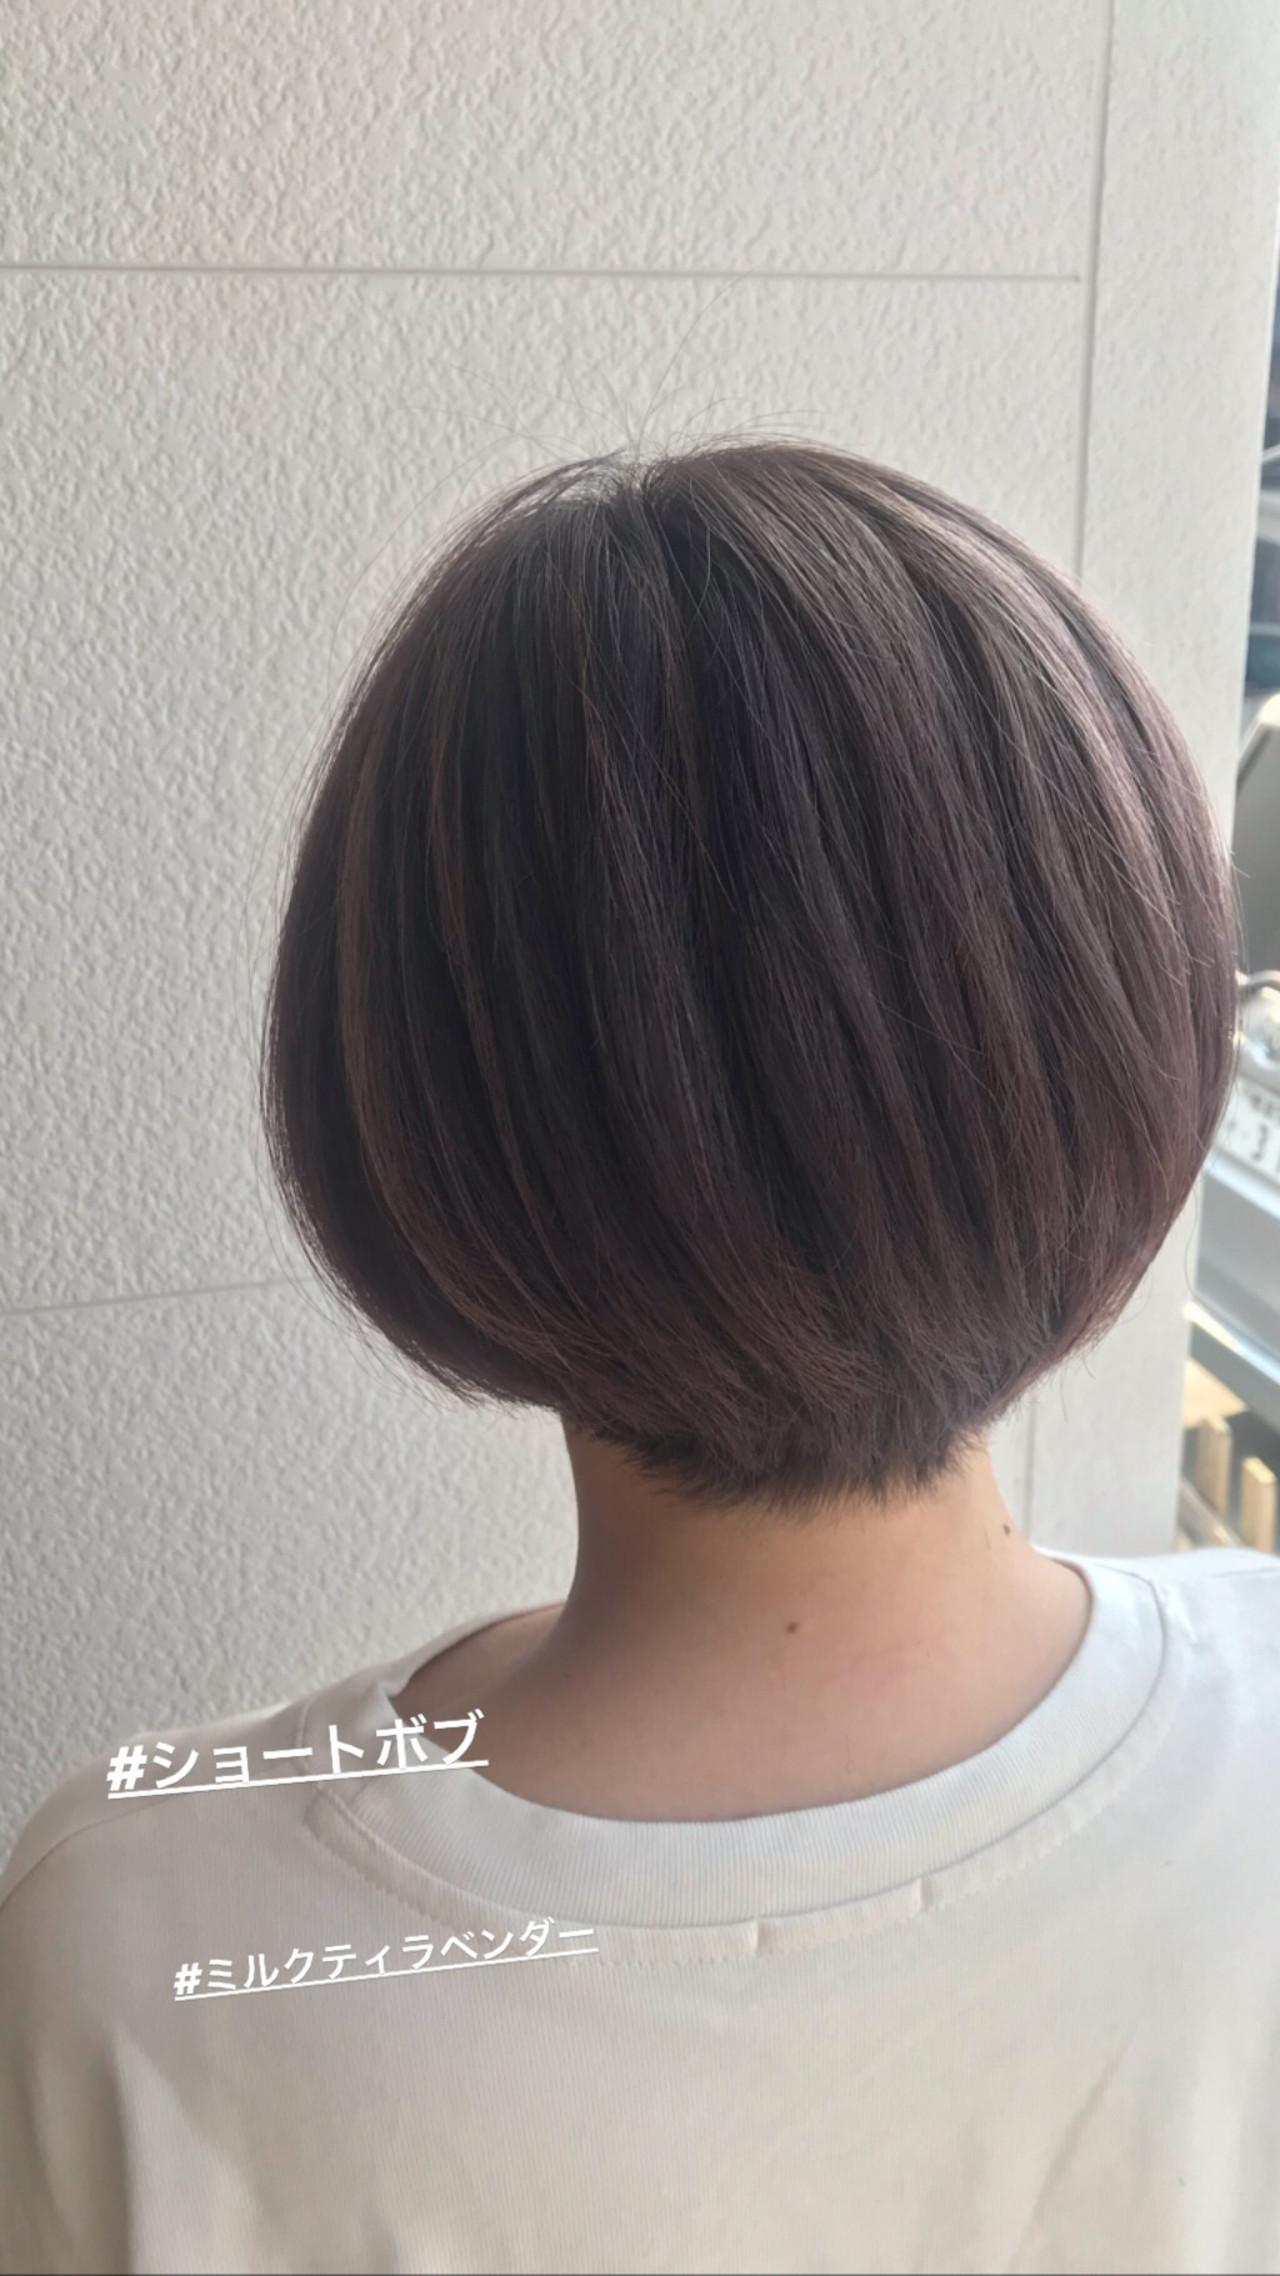 ミルクティーグレージュ ミルクティー 外国人風カラー ミルクティーグレー ヘアスタイルや髪型の写真・画像